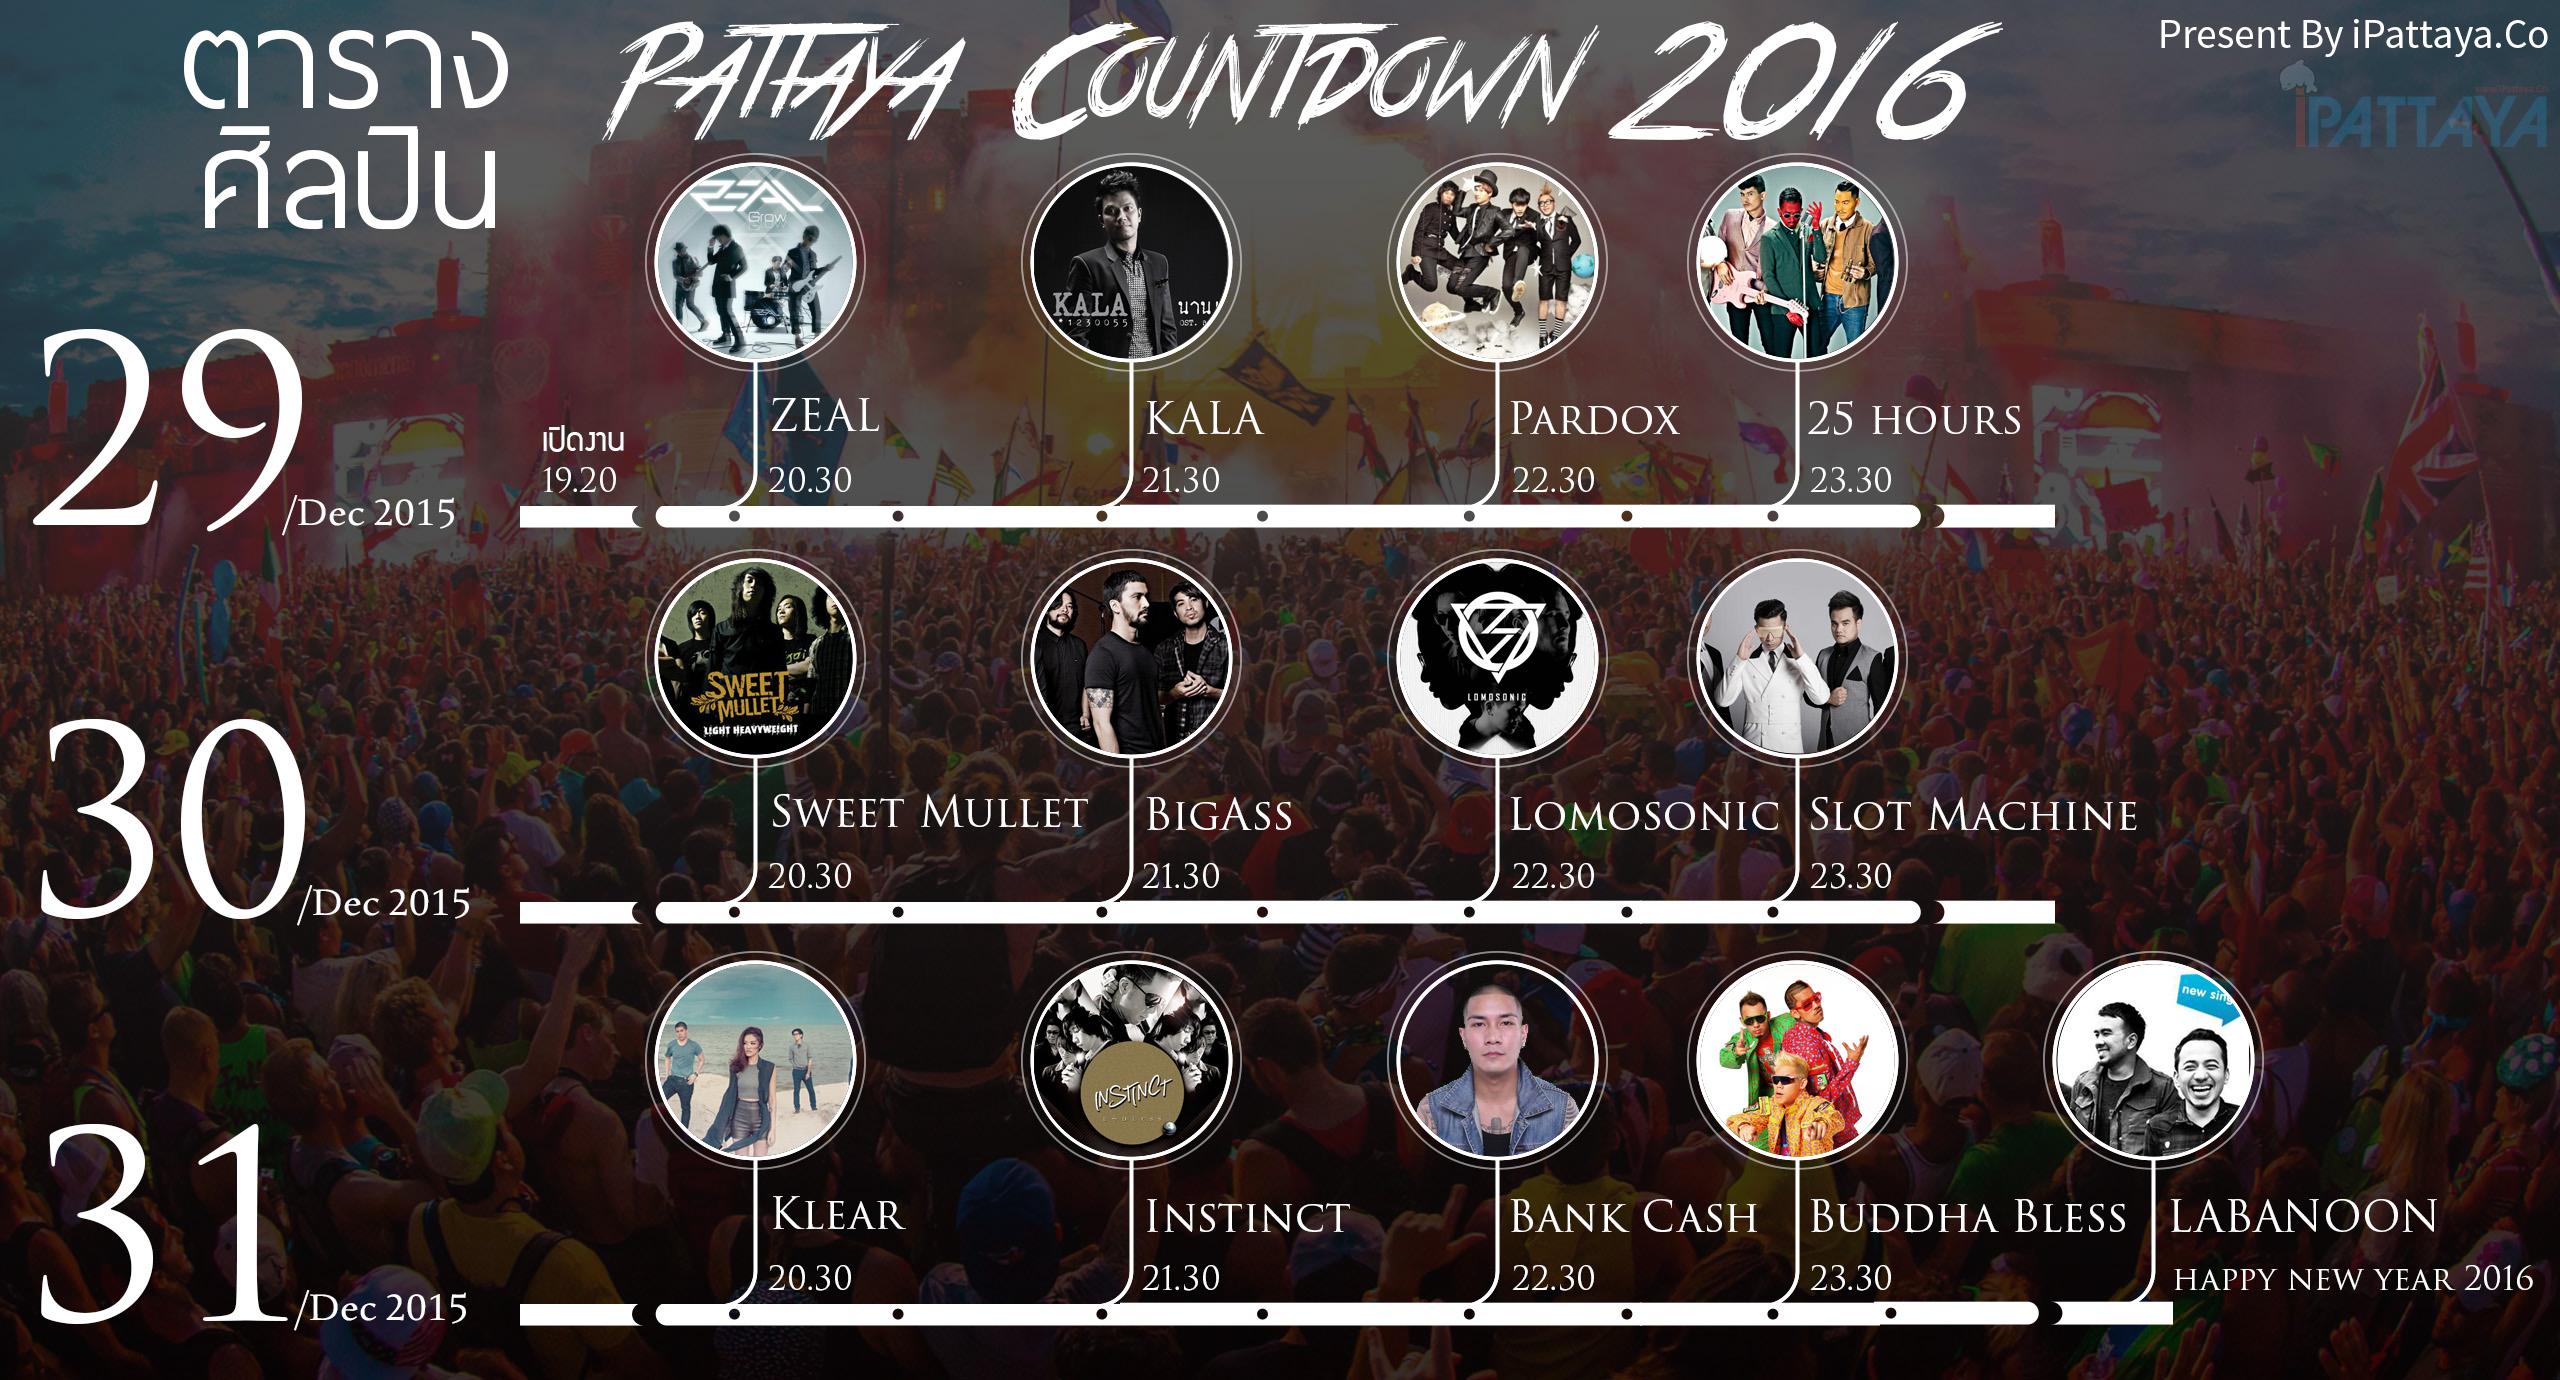 ตารางศิลปินงานพัทยาเคาท์ดาวน์ Pattaya Countdown 2016